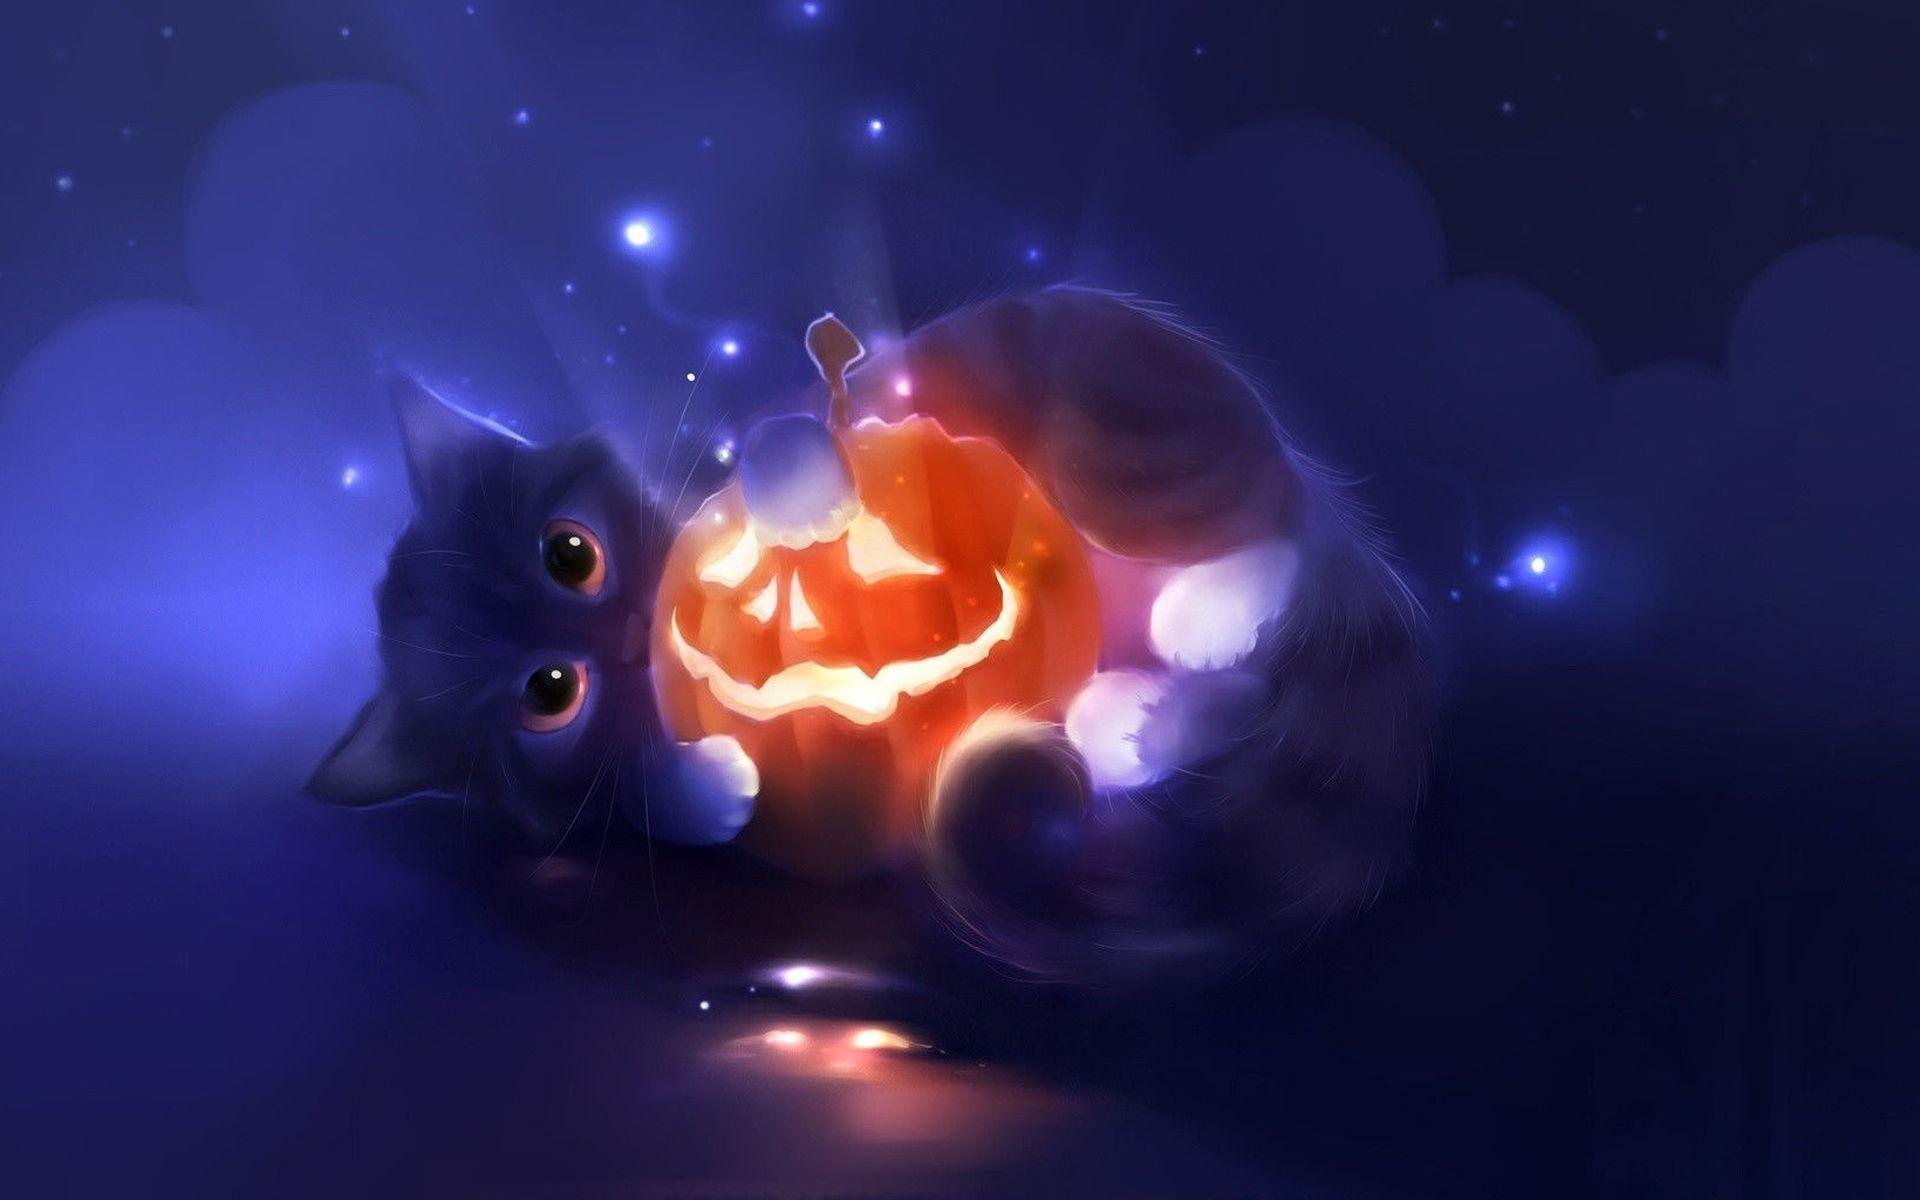 Котёнок обнимается с тыквой